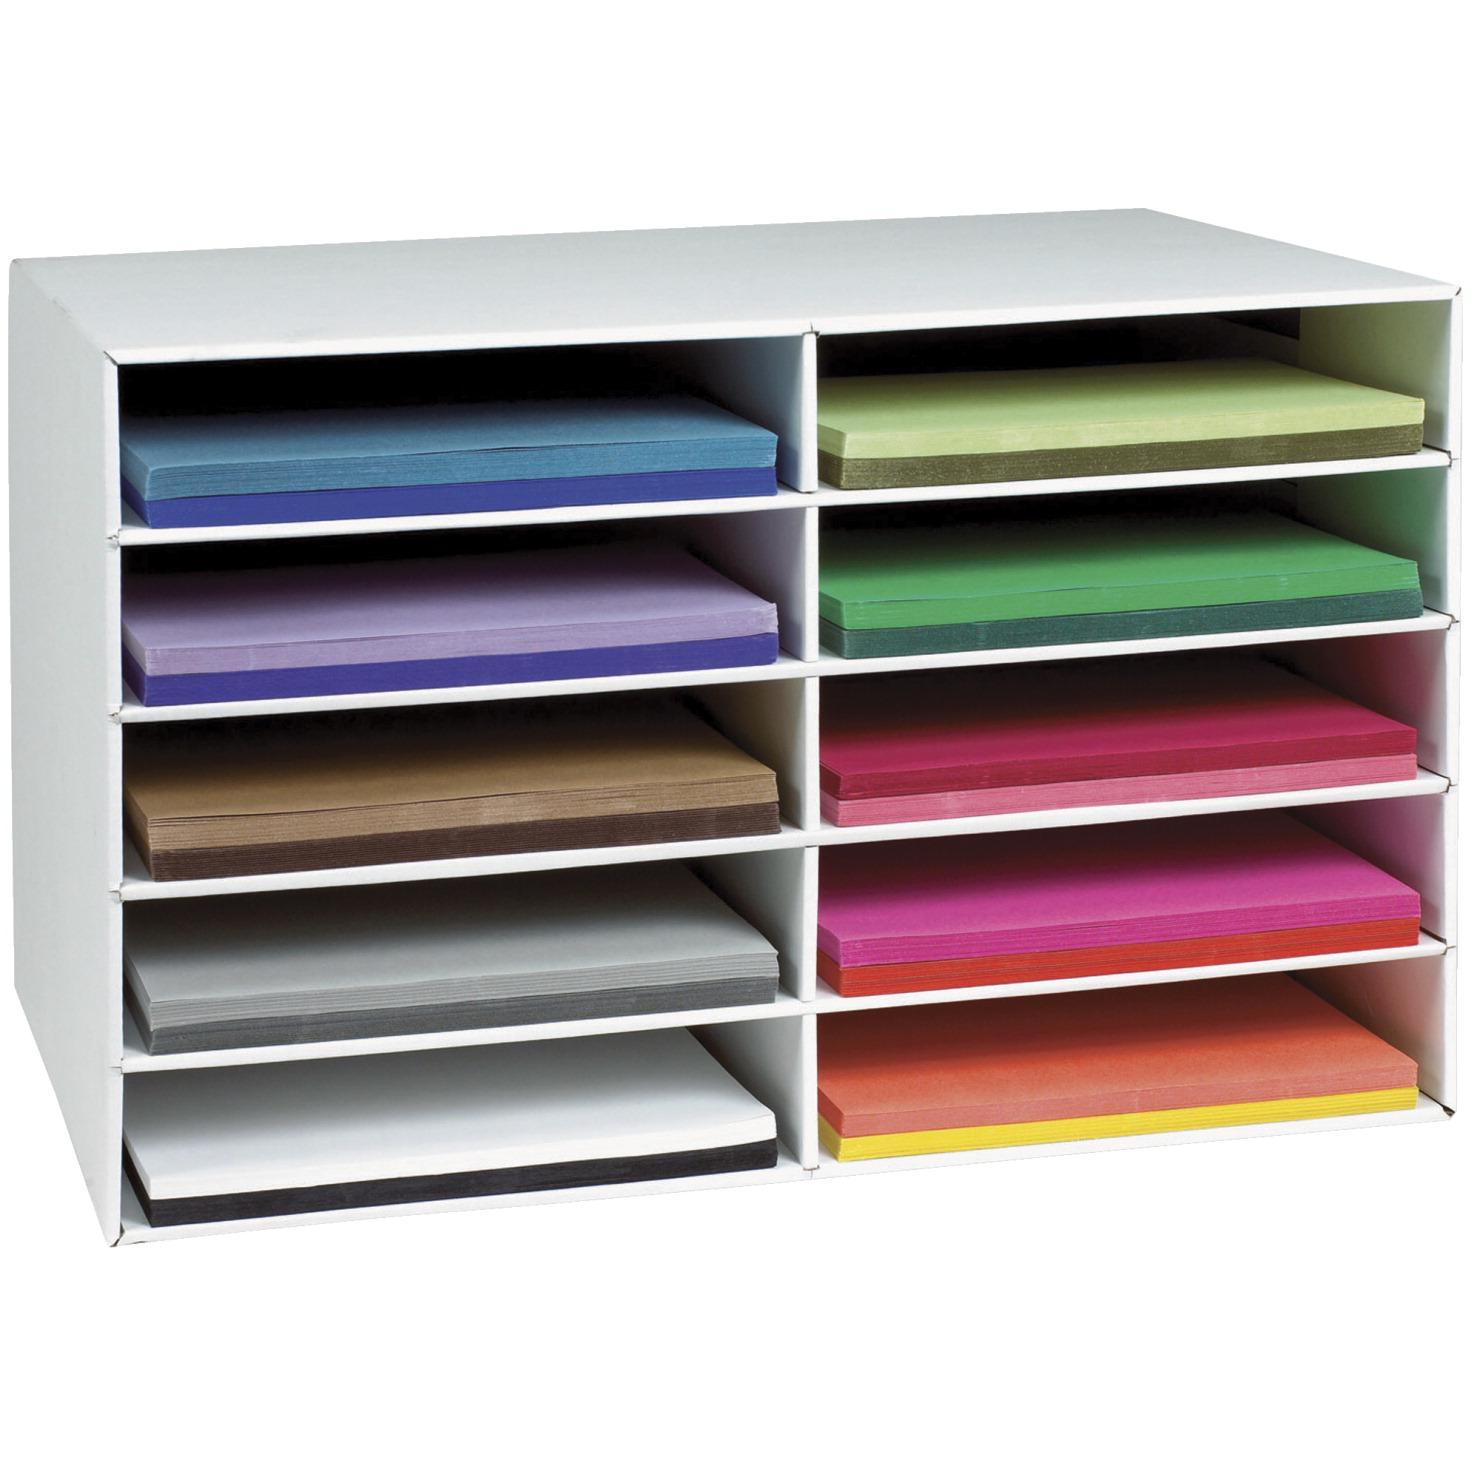 7 X 10 Storage Unit: Pacon Construction Paper Storage Unit, White